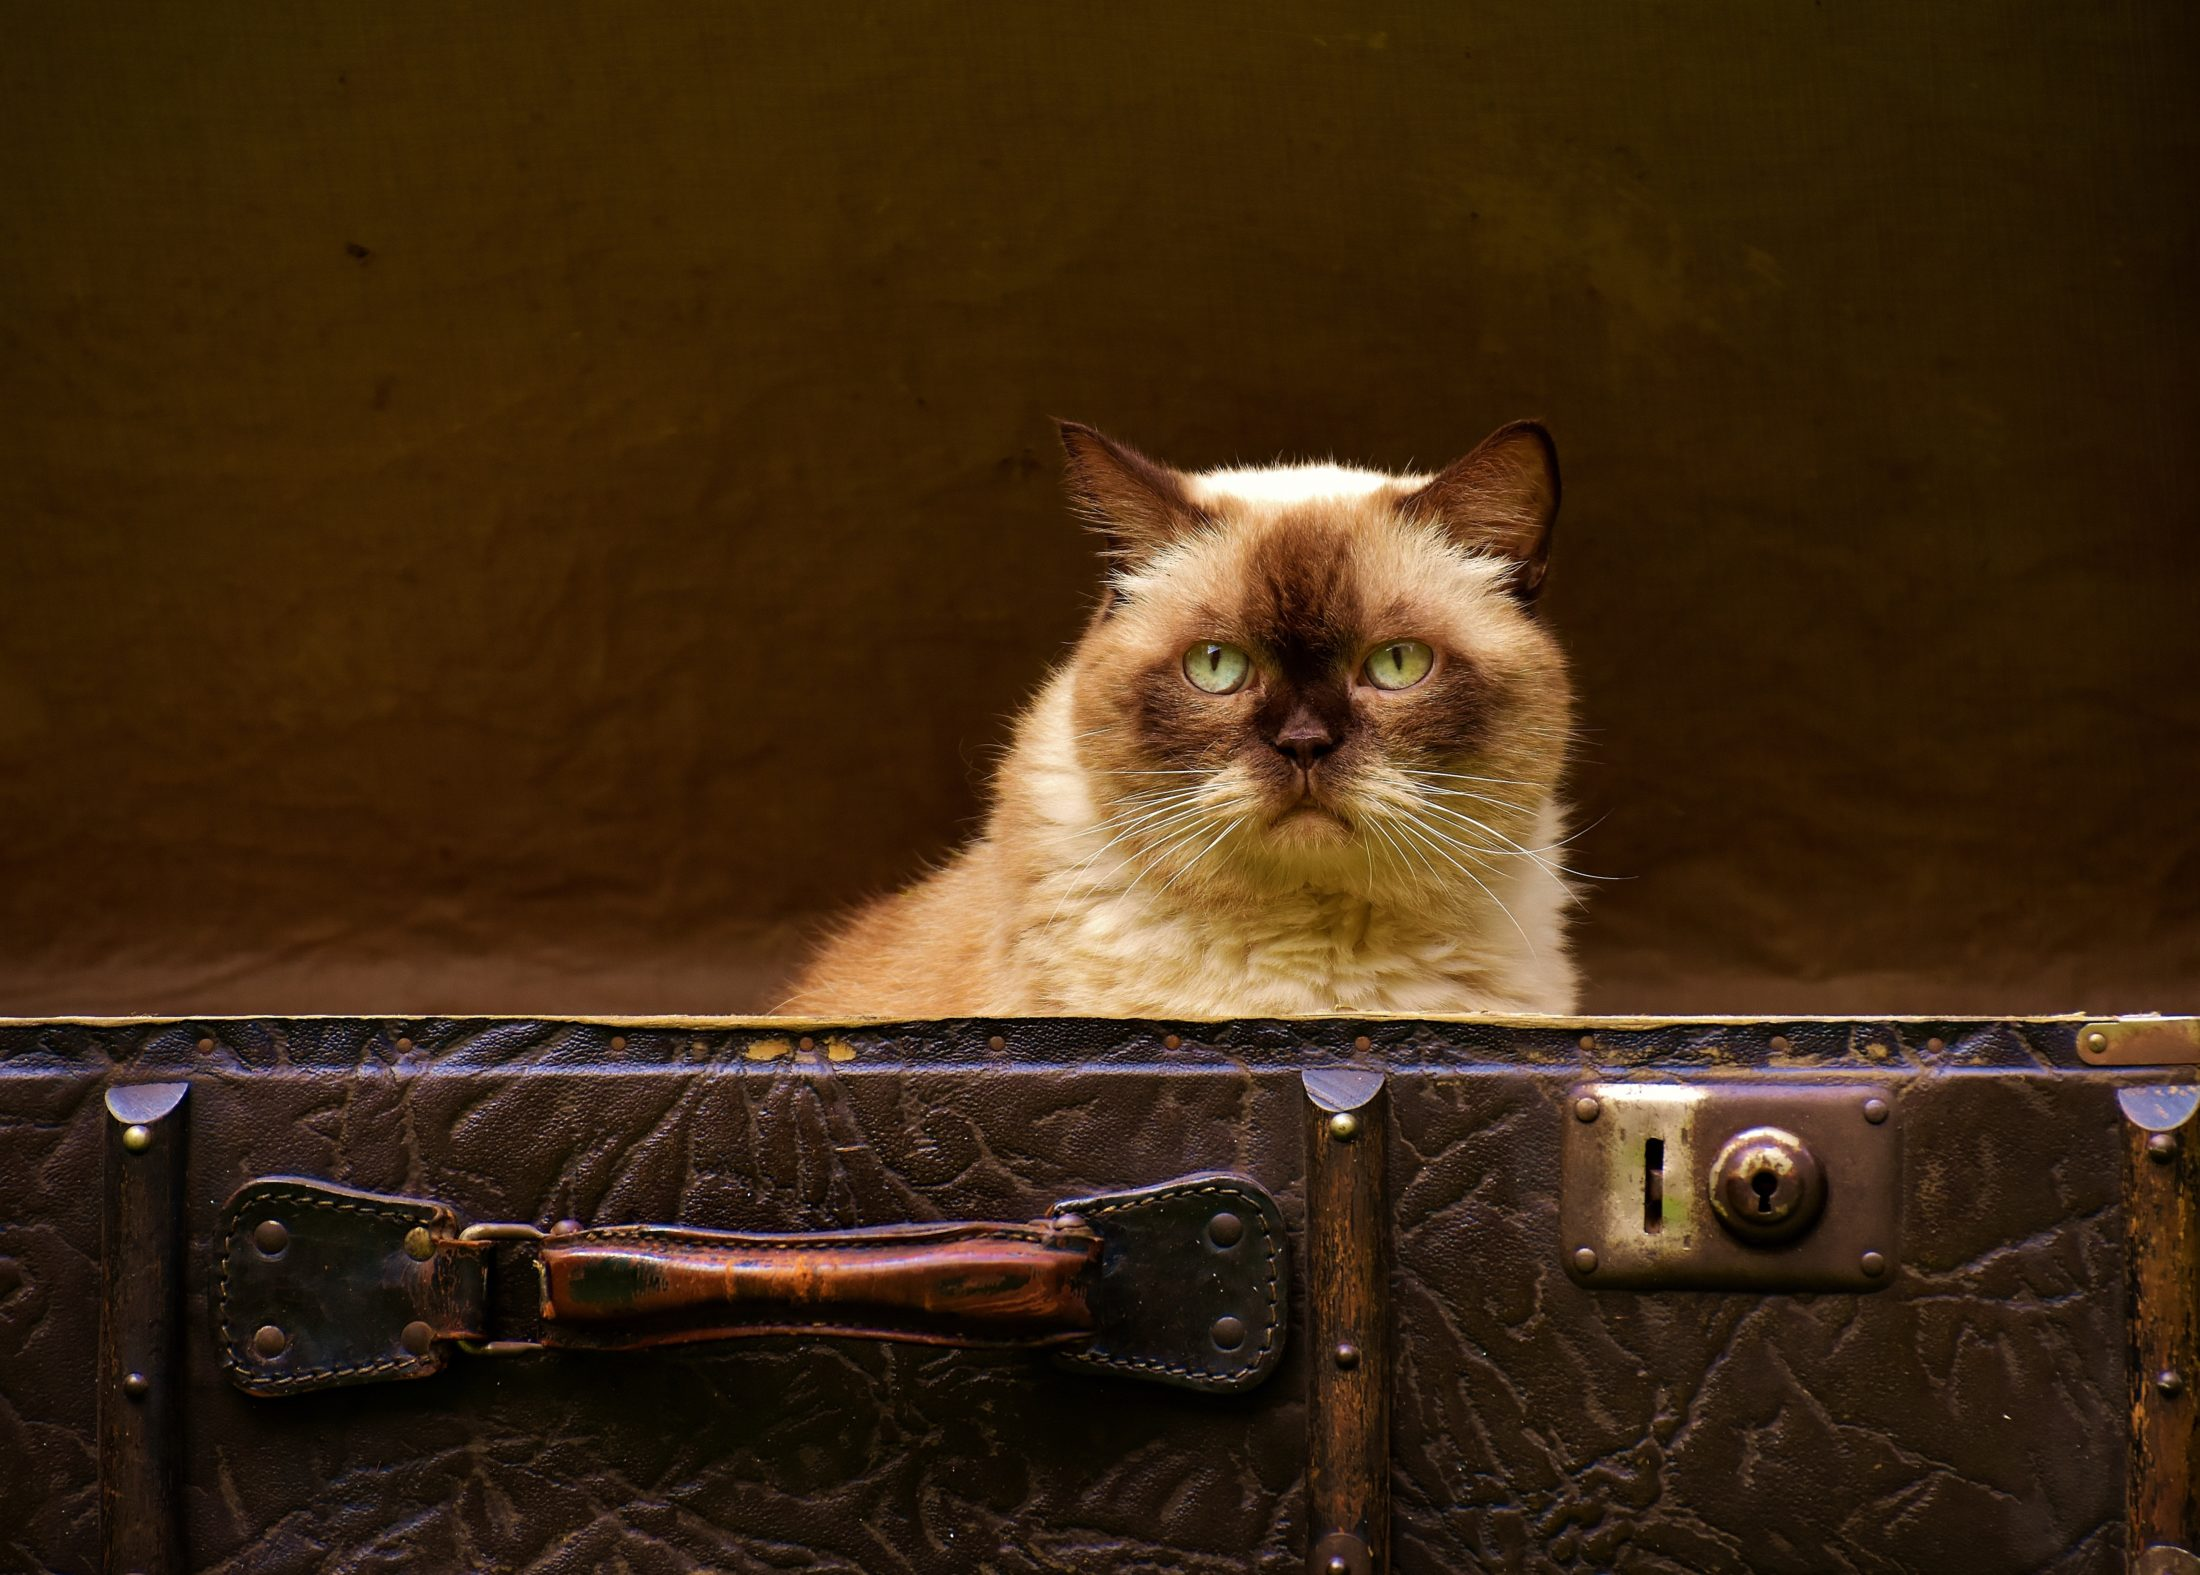 gato dentro de uma mala de viagem